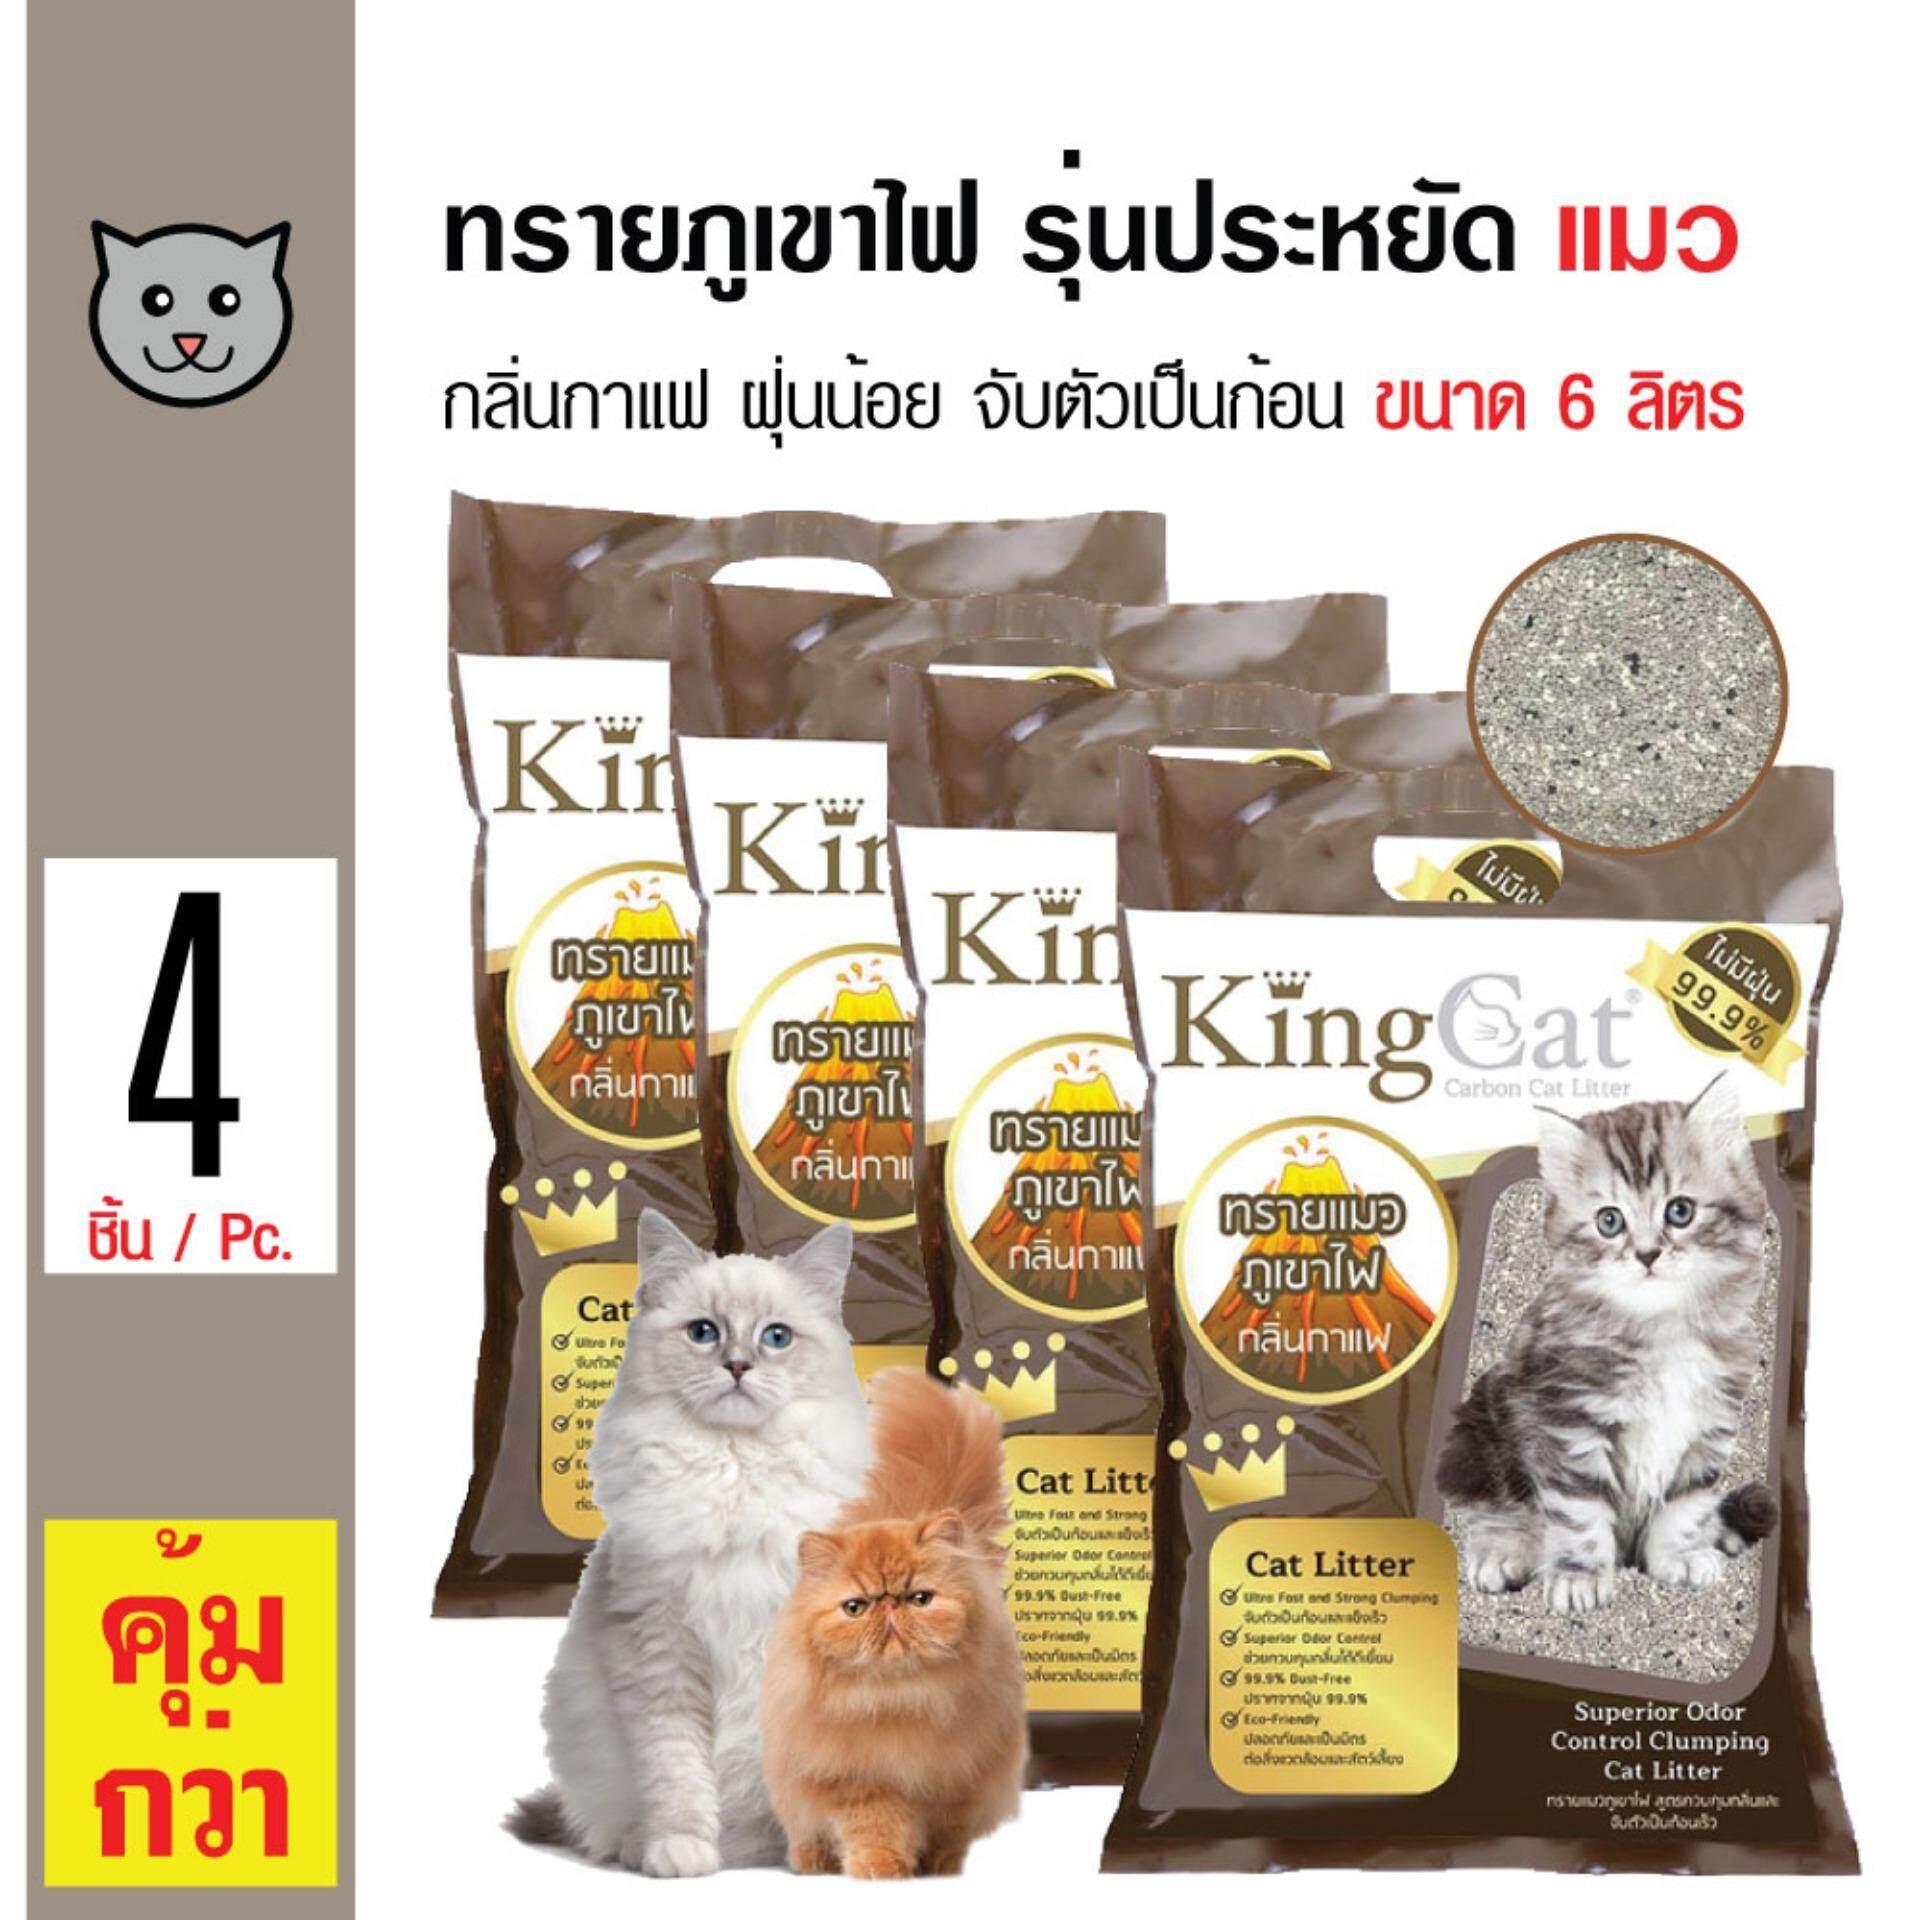 King Cat ทรายแมวภูเขาไฟ กลิ่นกาแฟ สูตรจับตัวเป็นก้อนง่าย ฝุ่นน้อย สำหรับแมวทุกวัย ขนาด 6 ลิตร x 4 ถุง